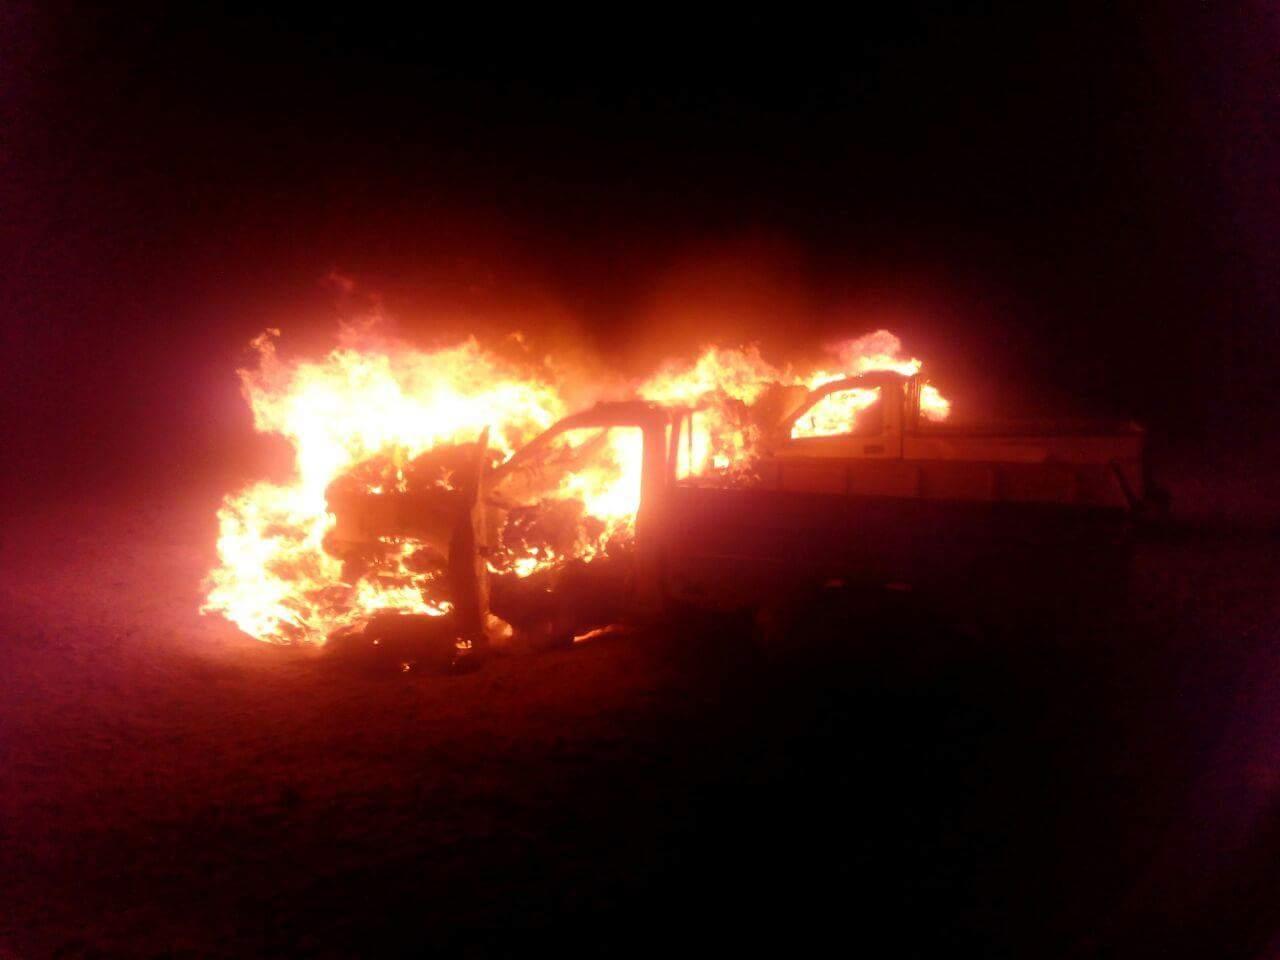 وردنا للتو: طائرات حربية تقصف اكثر من 5 اهداف مجهولة جنوب وغرب مدينة الشيخ زويد